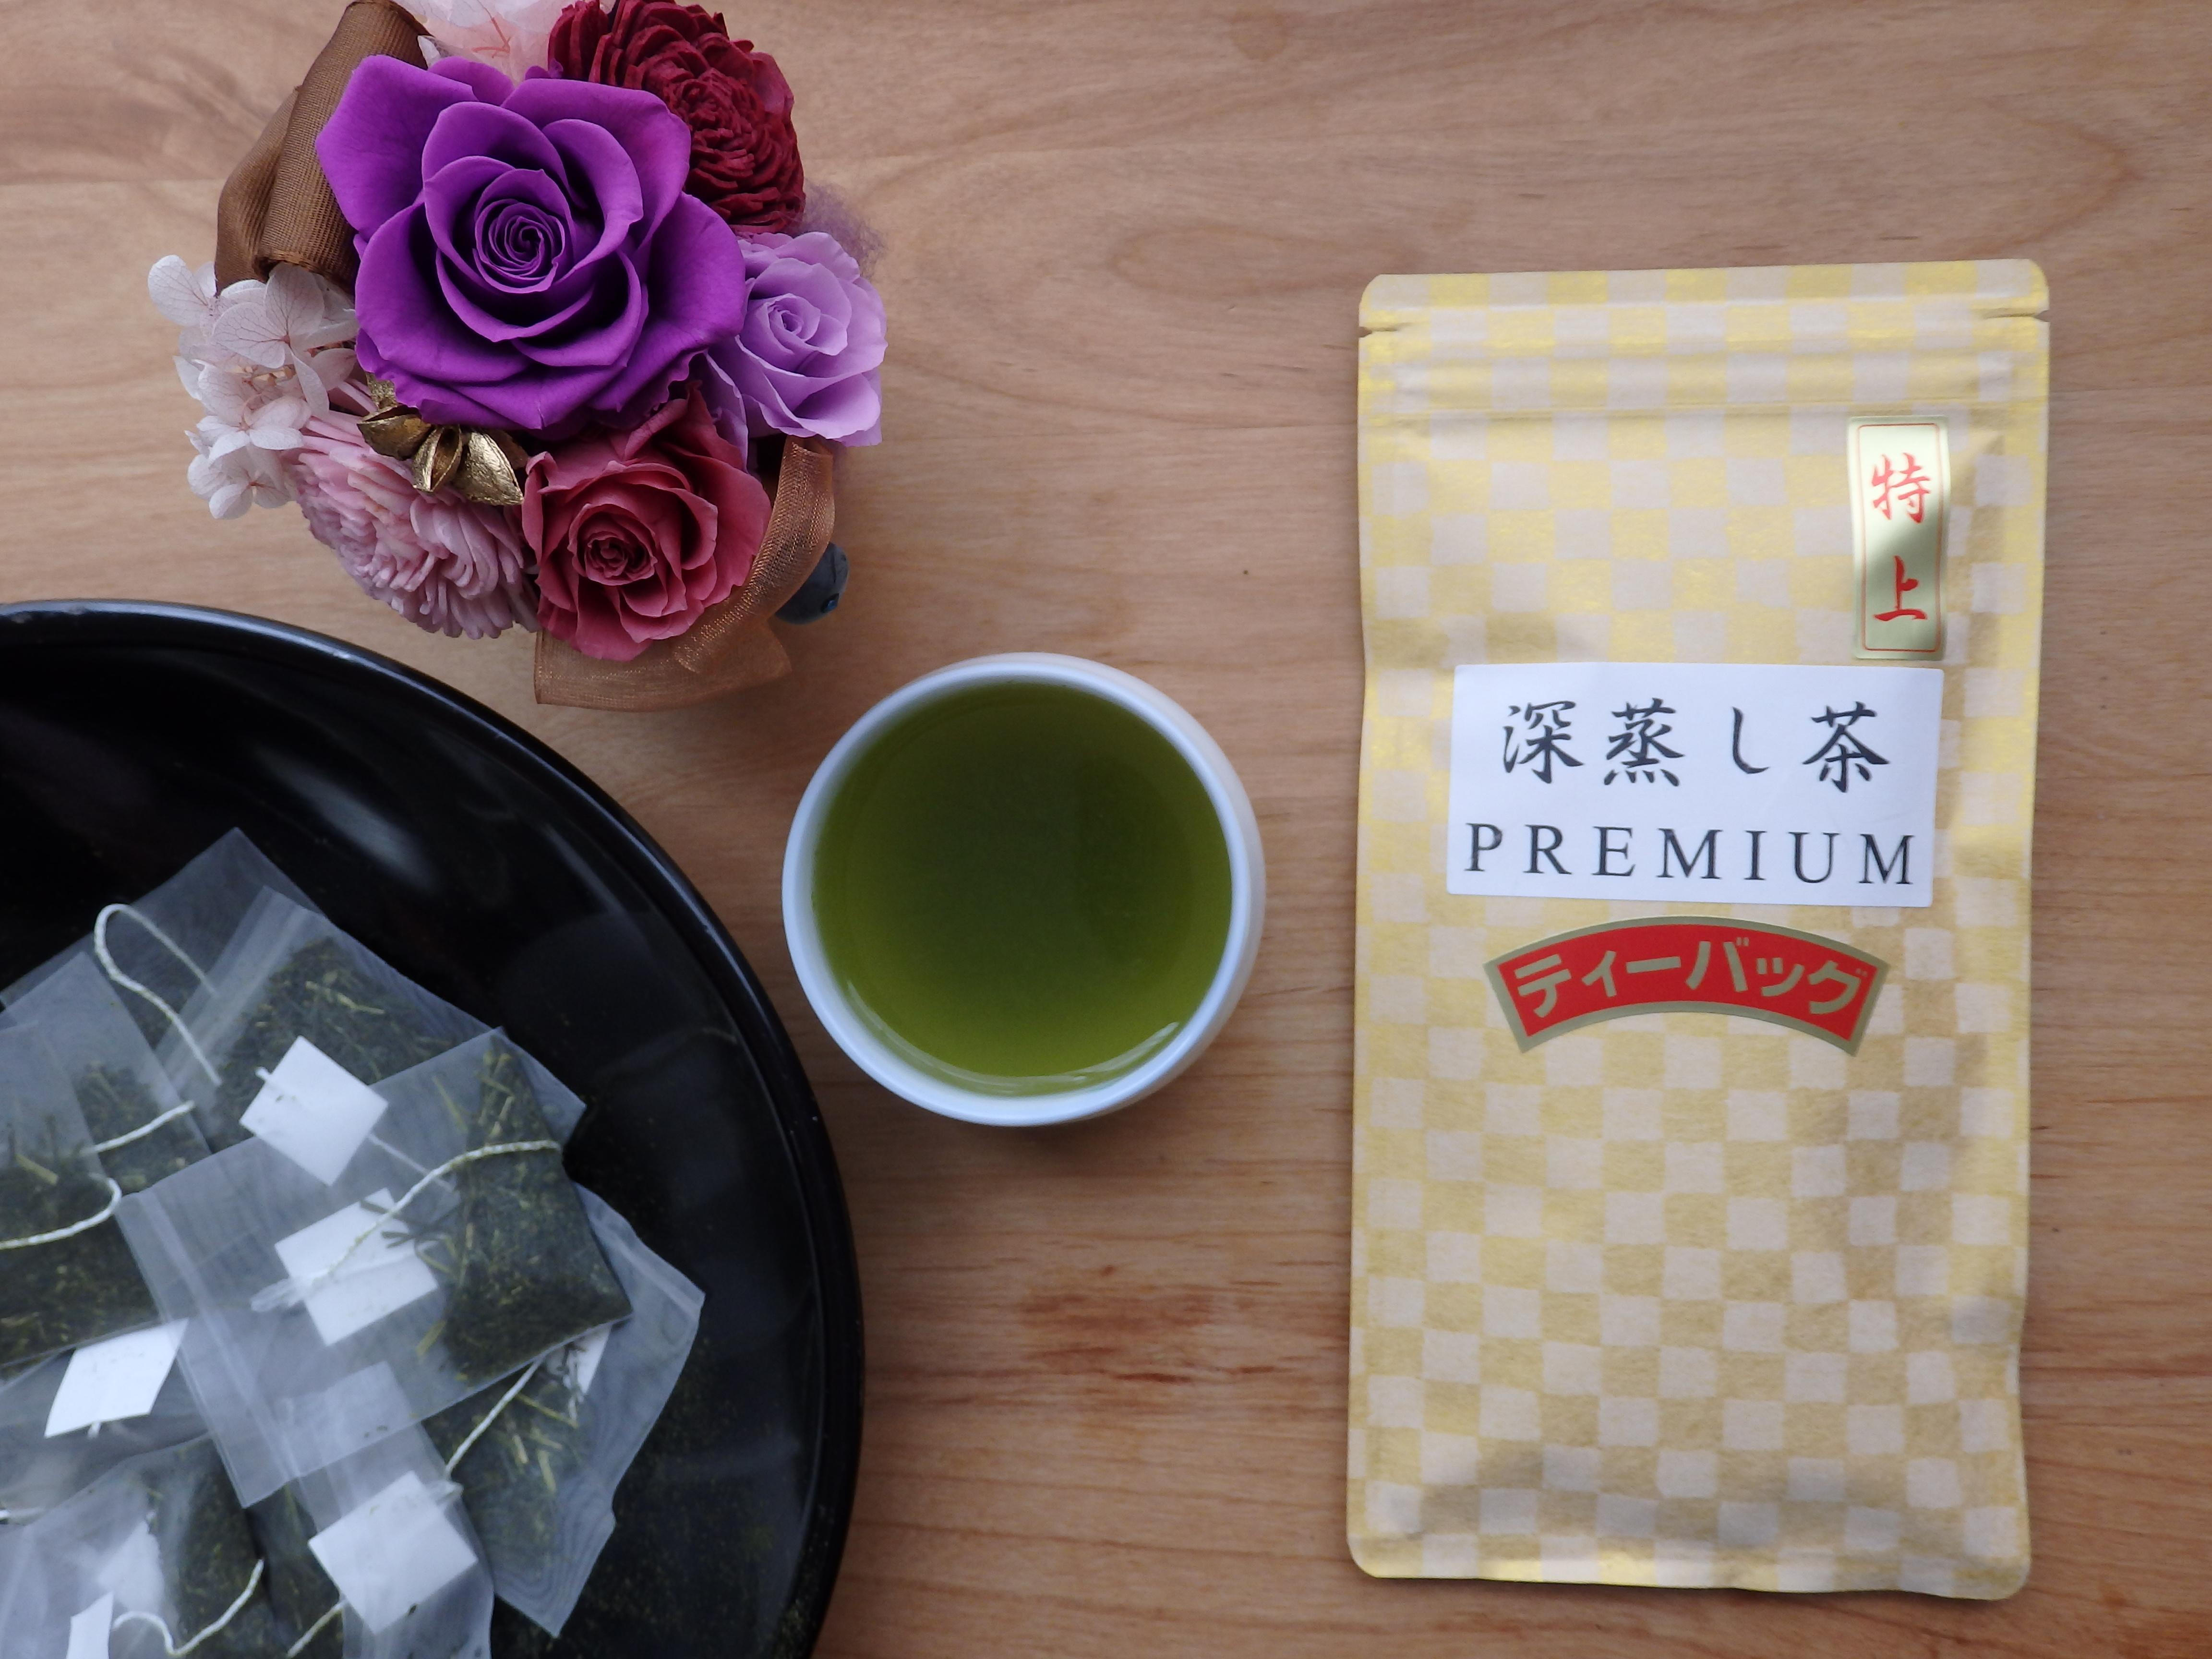 深蒸し茶PREMIUM ティーバッグ